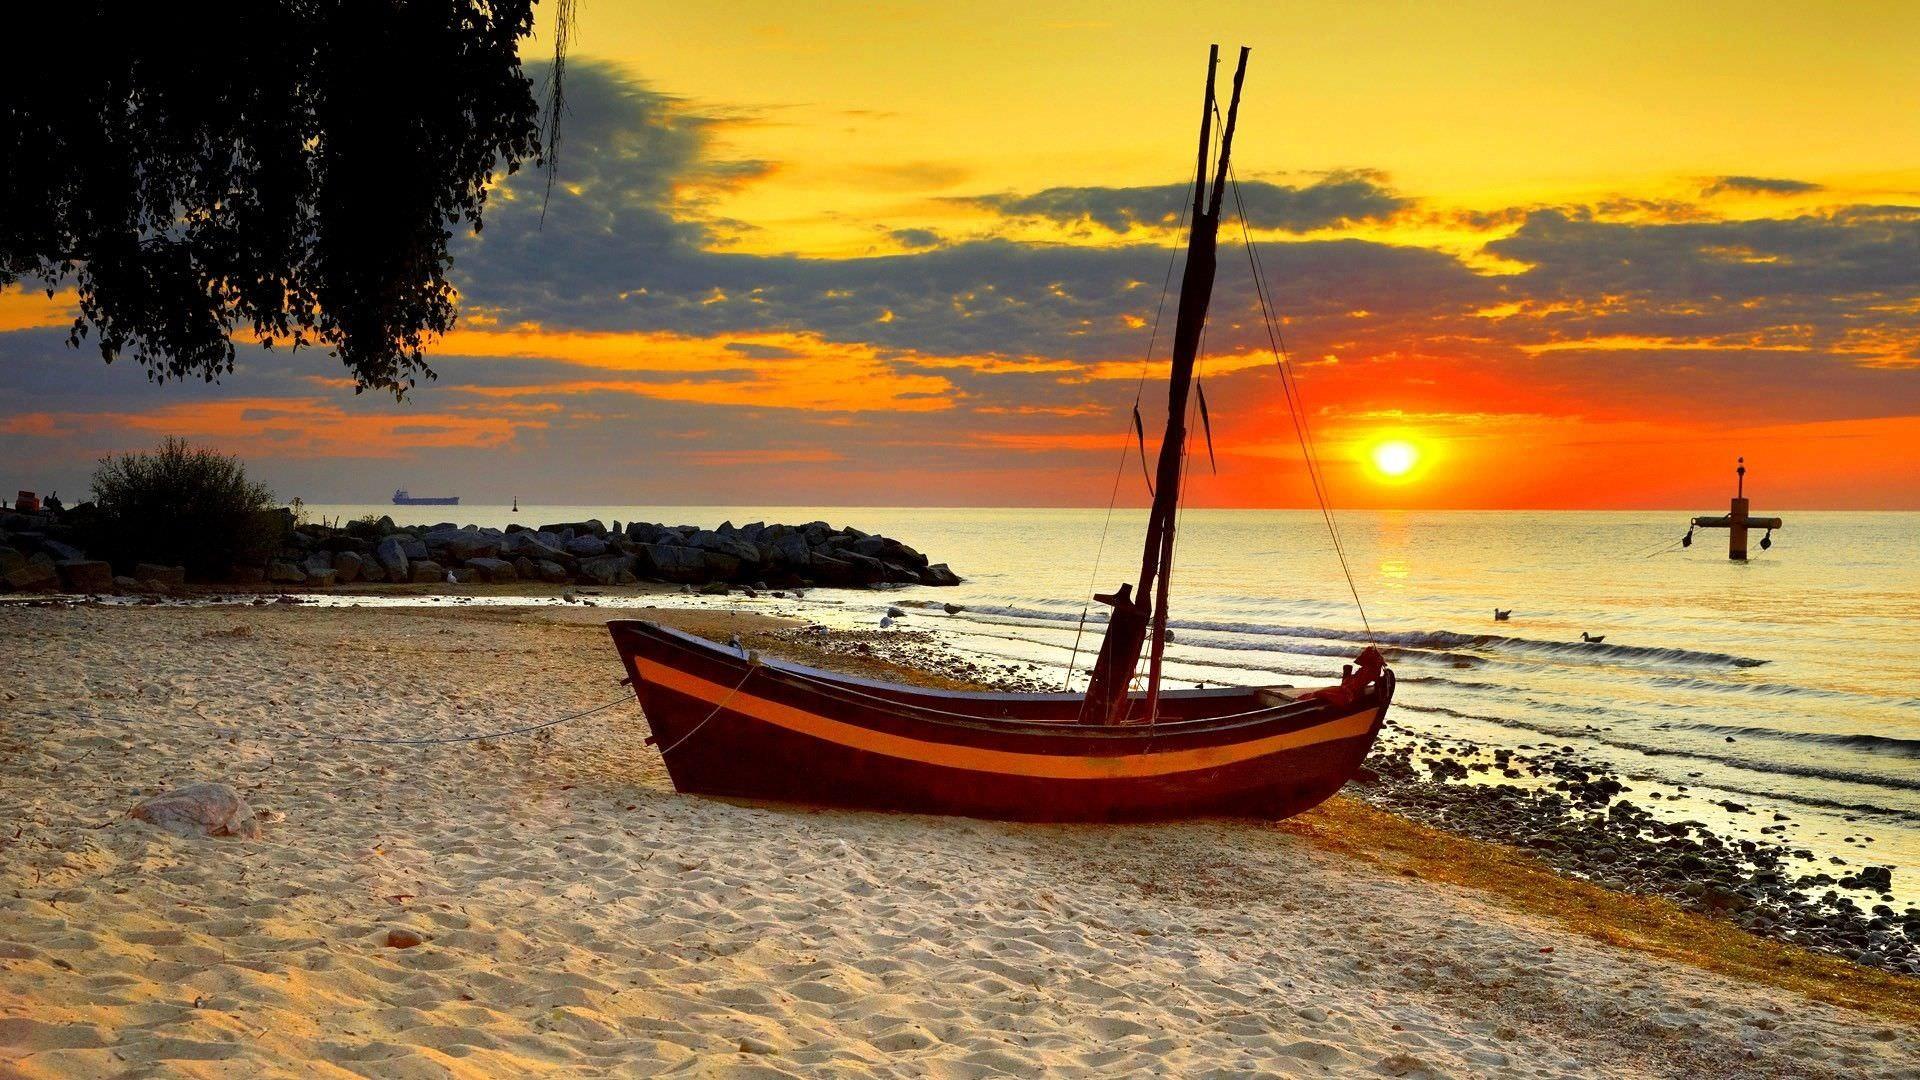 Res: 1920x1080, Landscape Beach Sunset Wallpaper